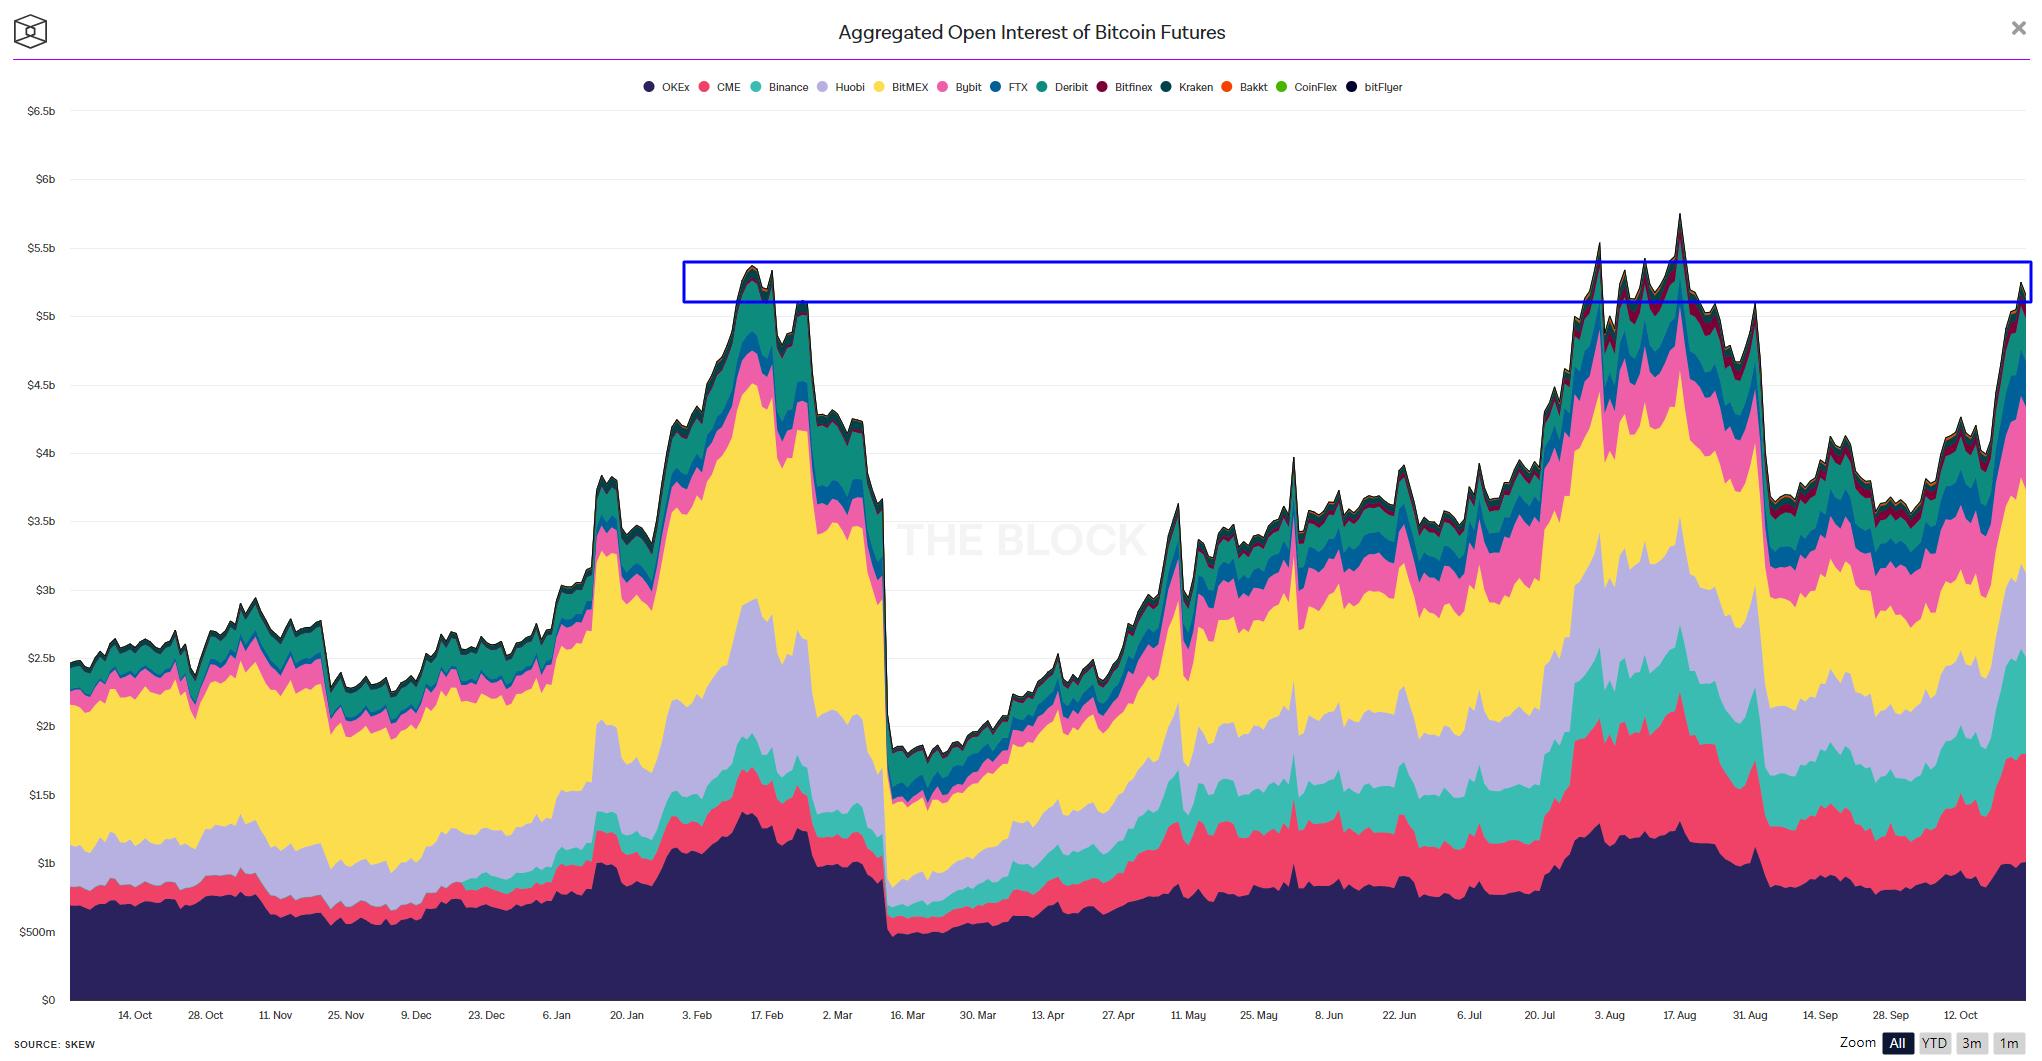 reżim rynkowy - wzrost OI